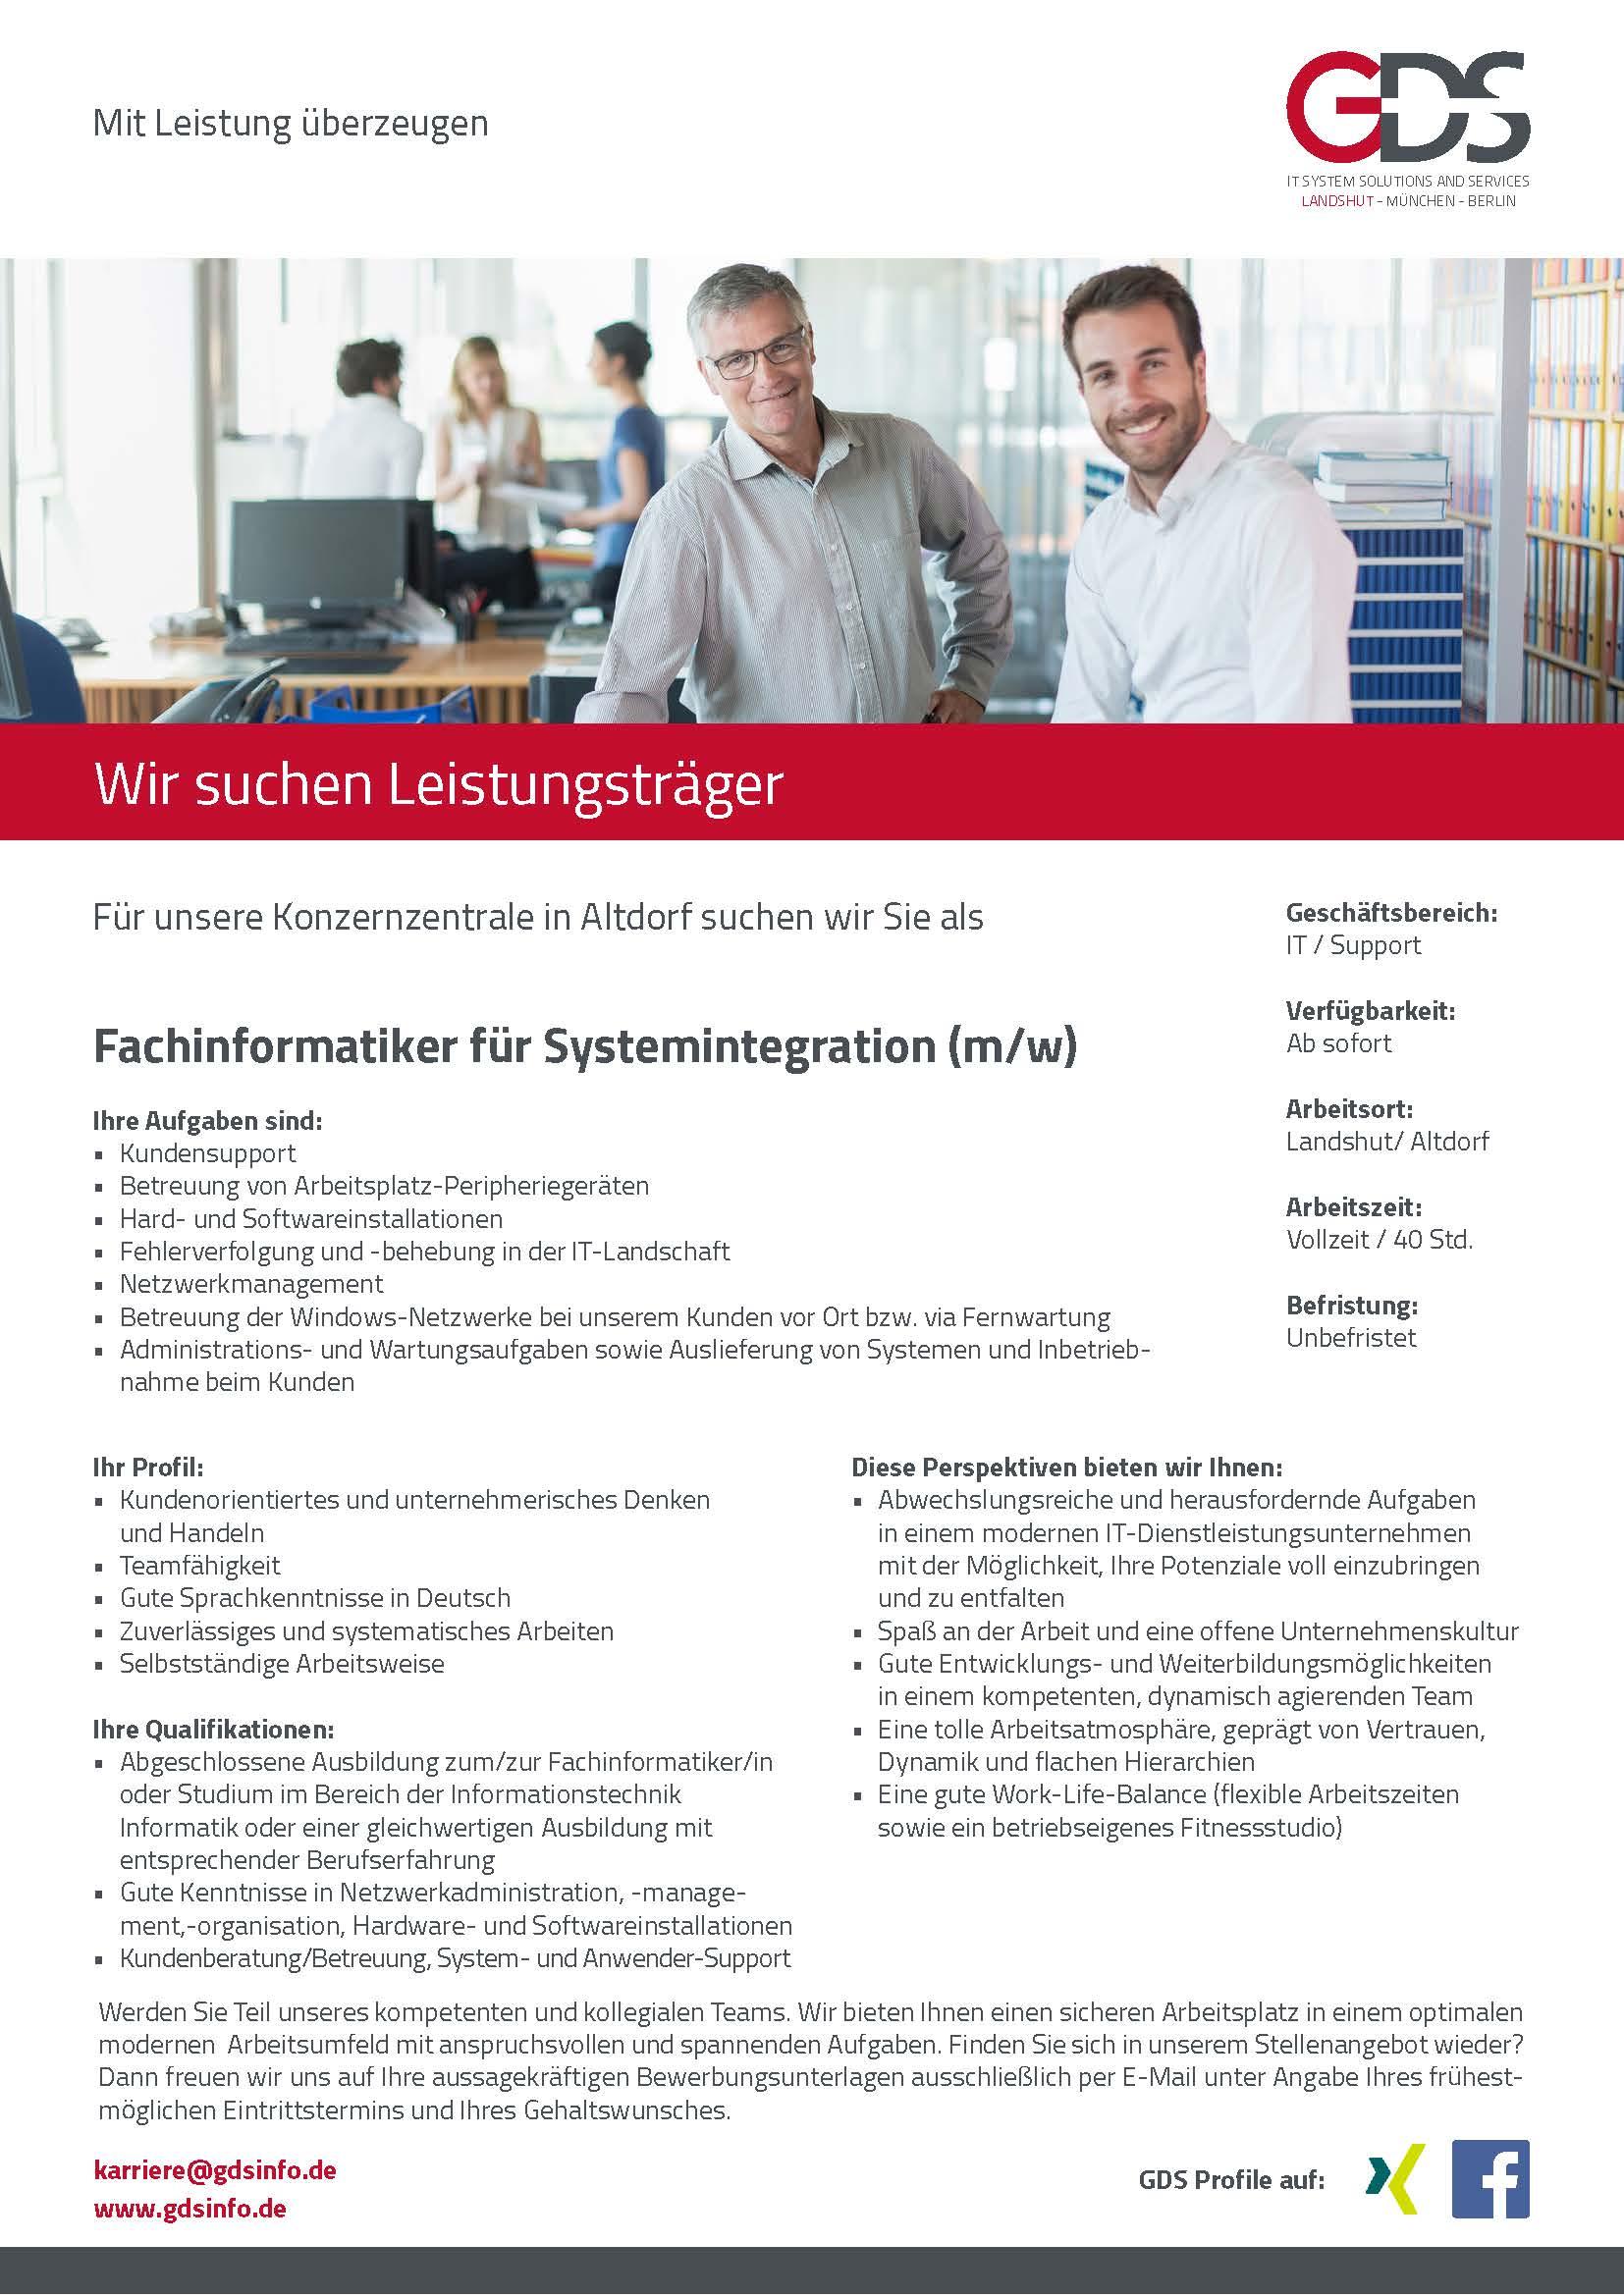 Fachinformatiker für Systemintegration (m/w) Standort Altdorf/Landshut